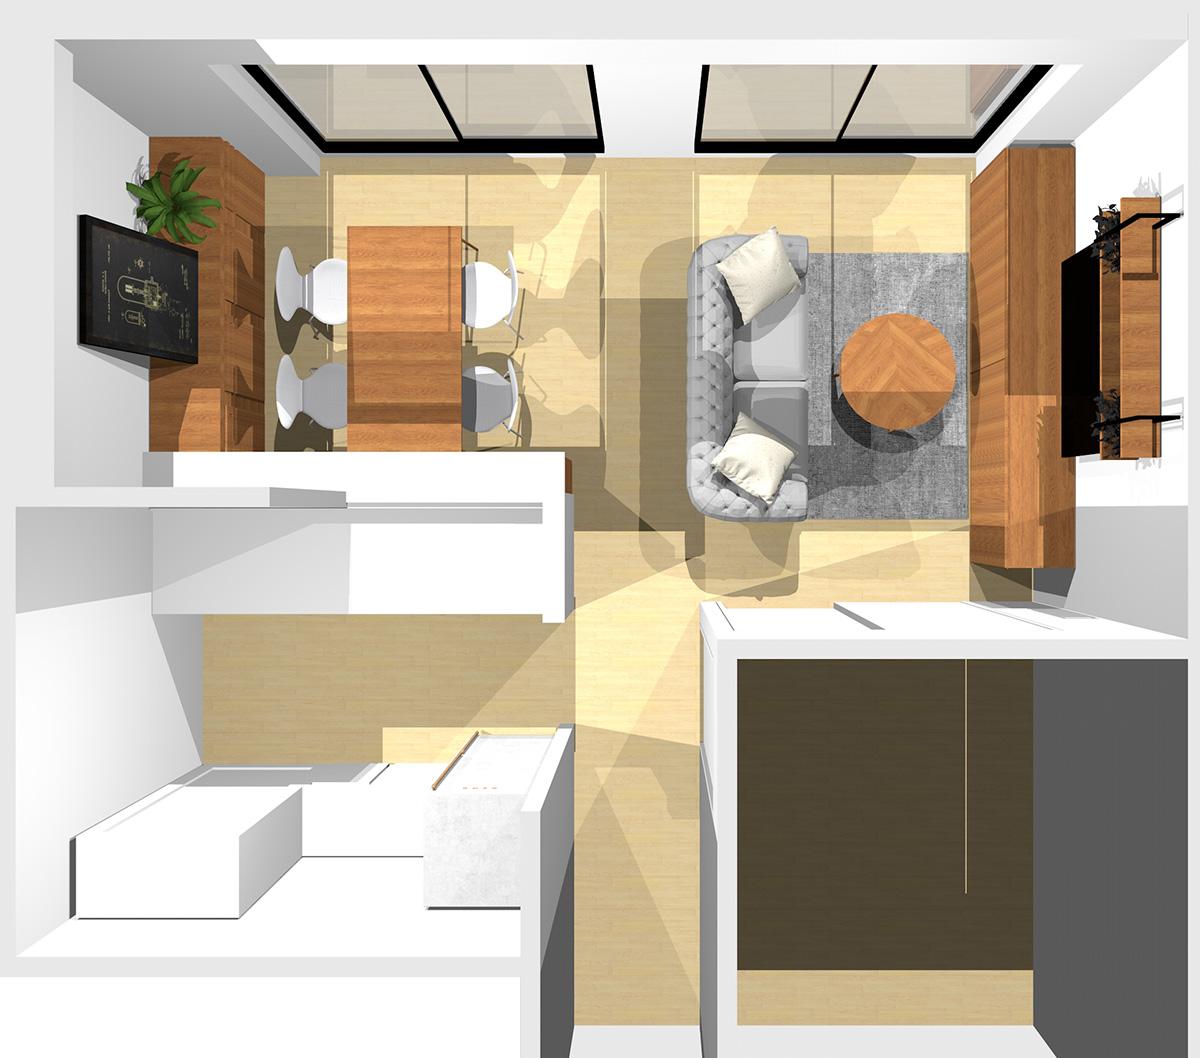 ①②③に家具、通路に2人掛けソファを置いた横長リビング